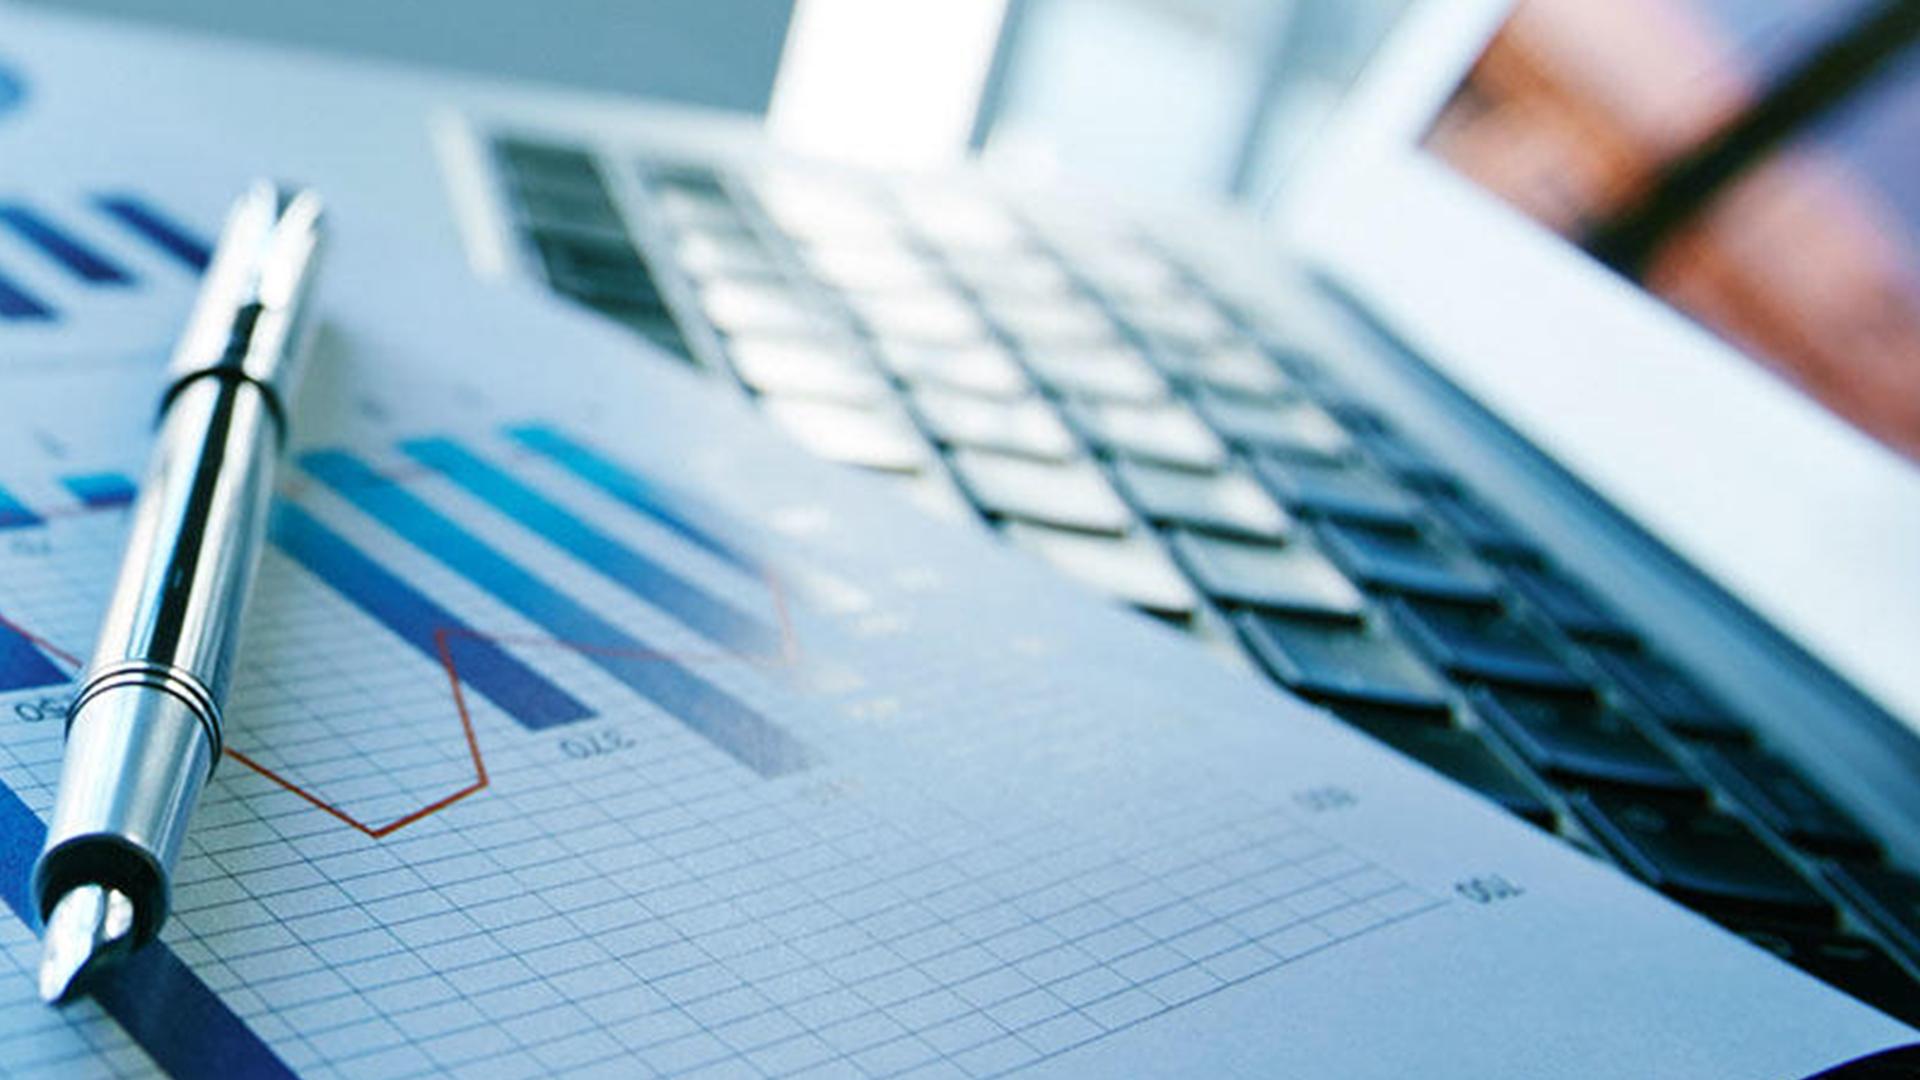 Səkkiz ayda əsas kapitala 8.627,2 milyon manat vəsait yönəldilib